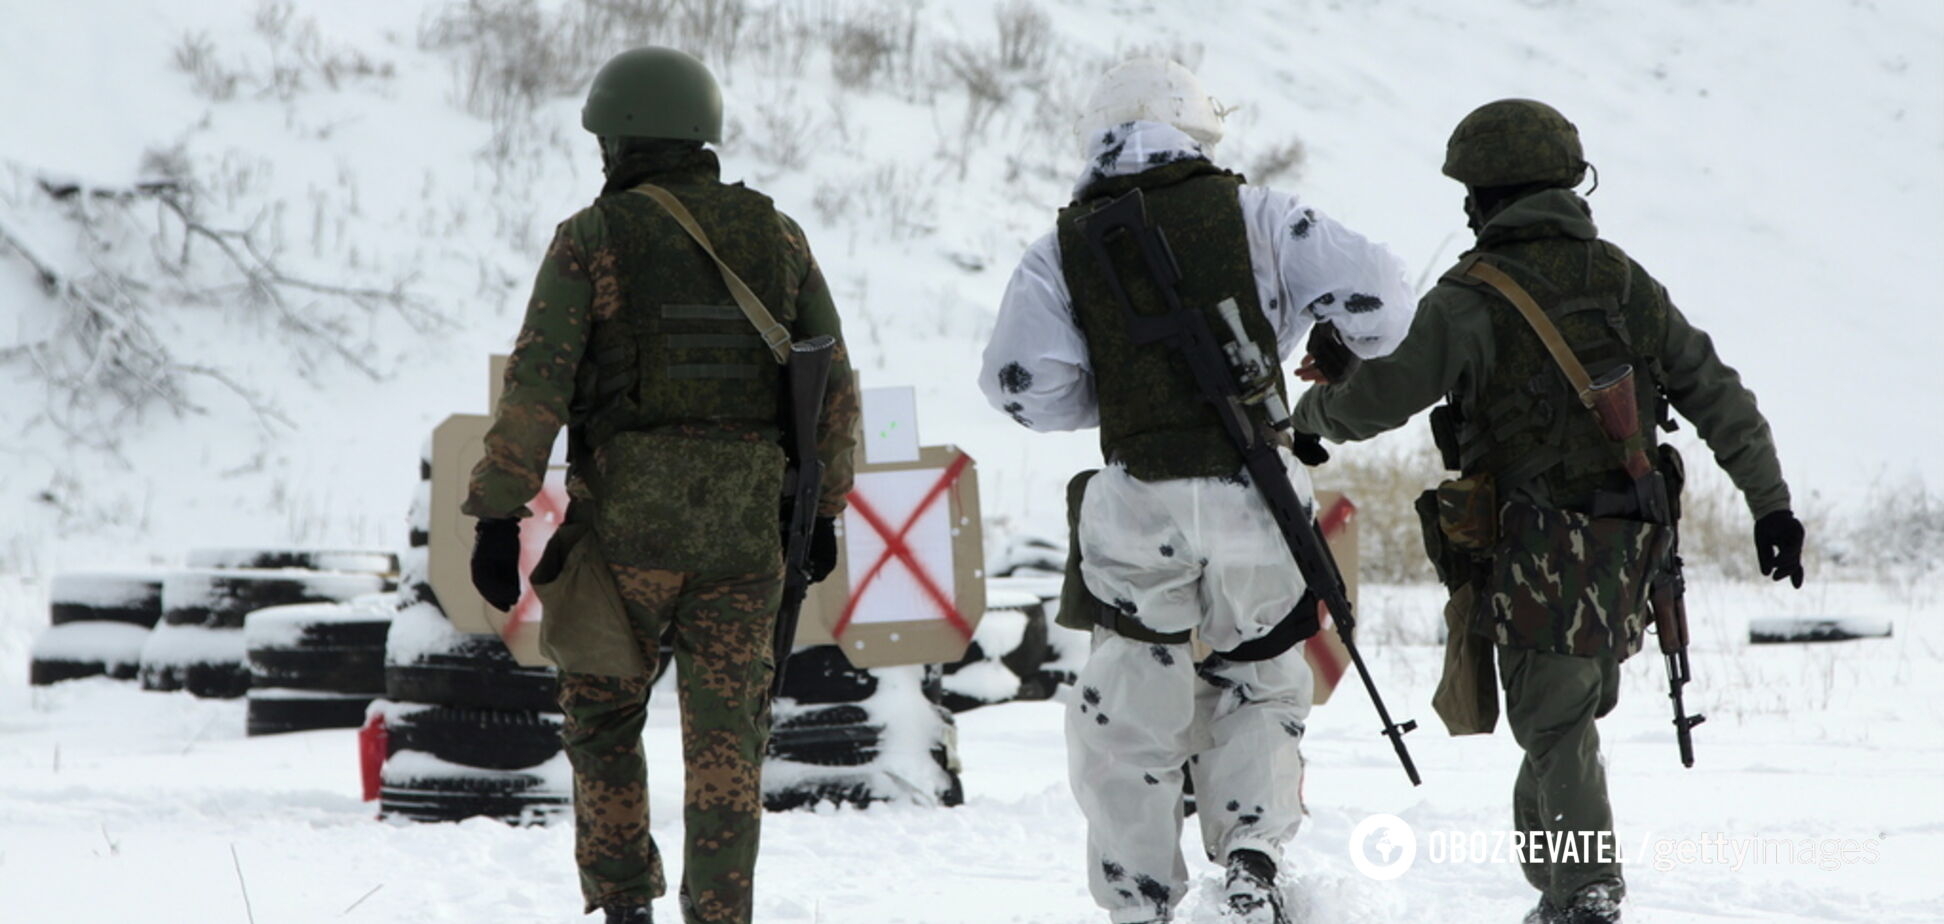 Пряме влучання у бліндаж: на Донбасі зняли ліквідацію терористів